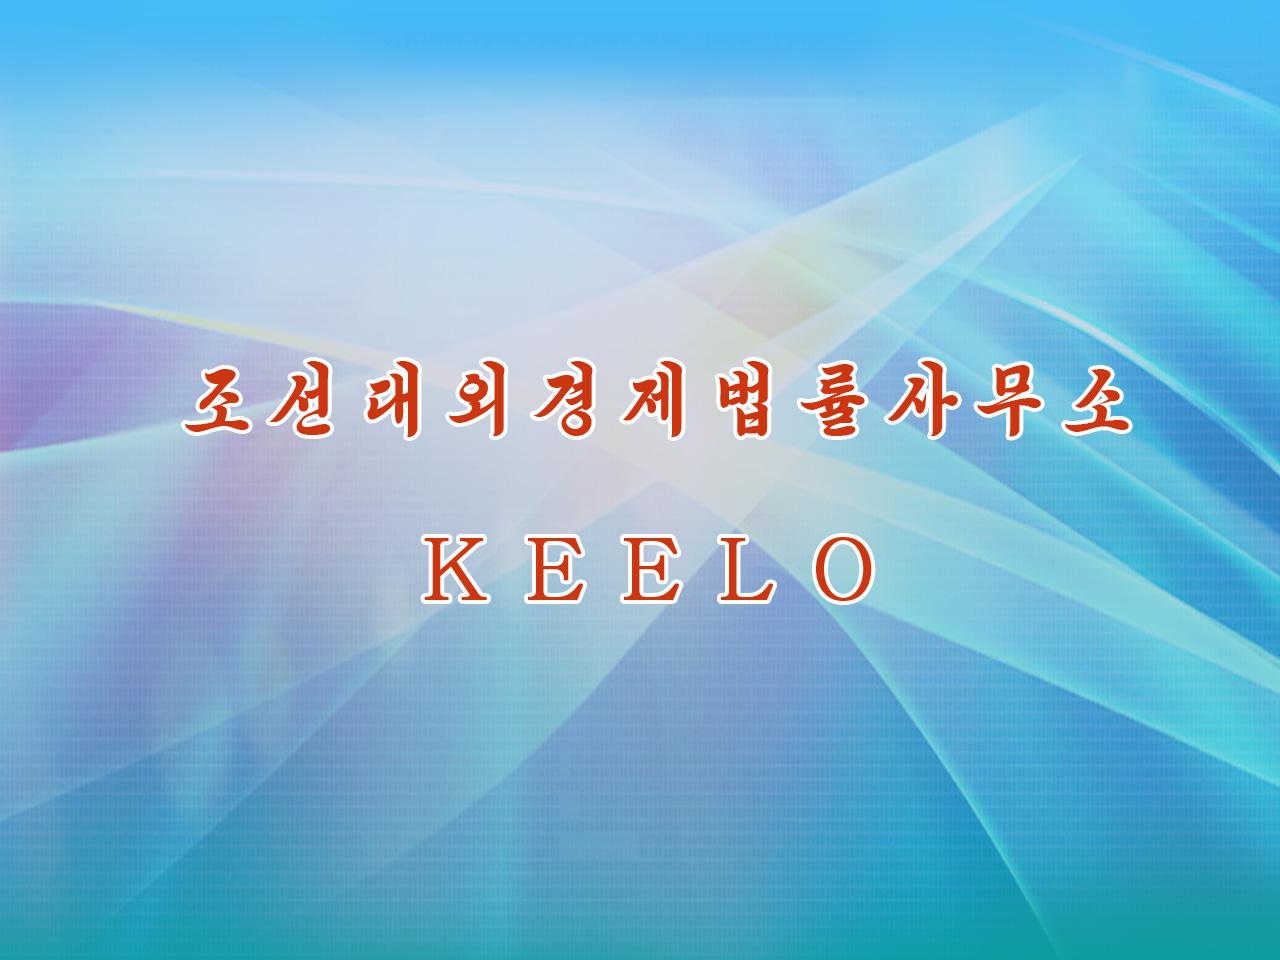 KOREA EXTERNAL ECONOMIC LAW OFFICE(KEELO)